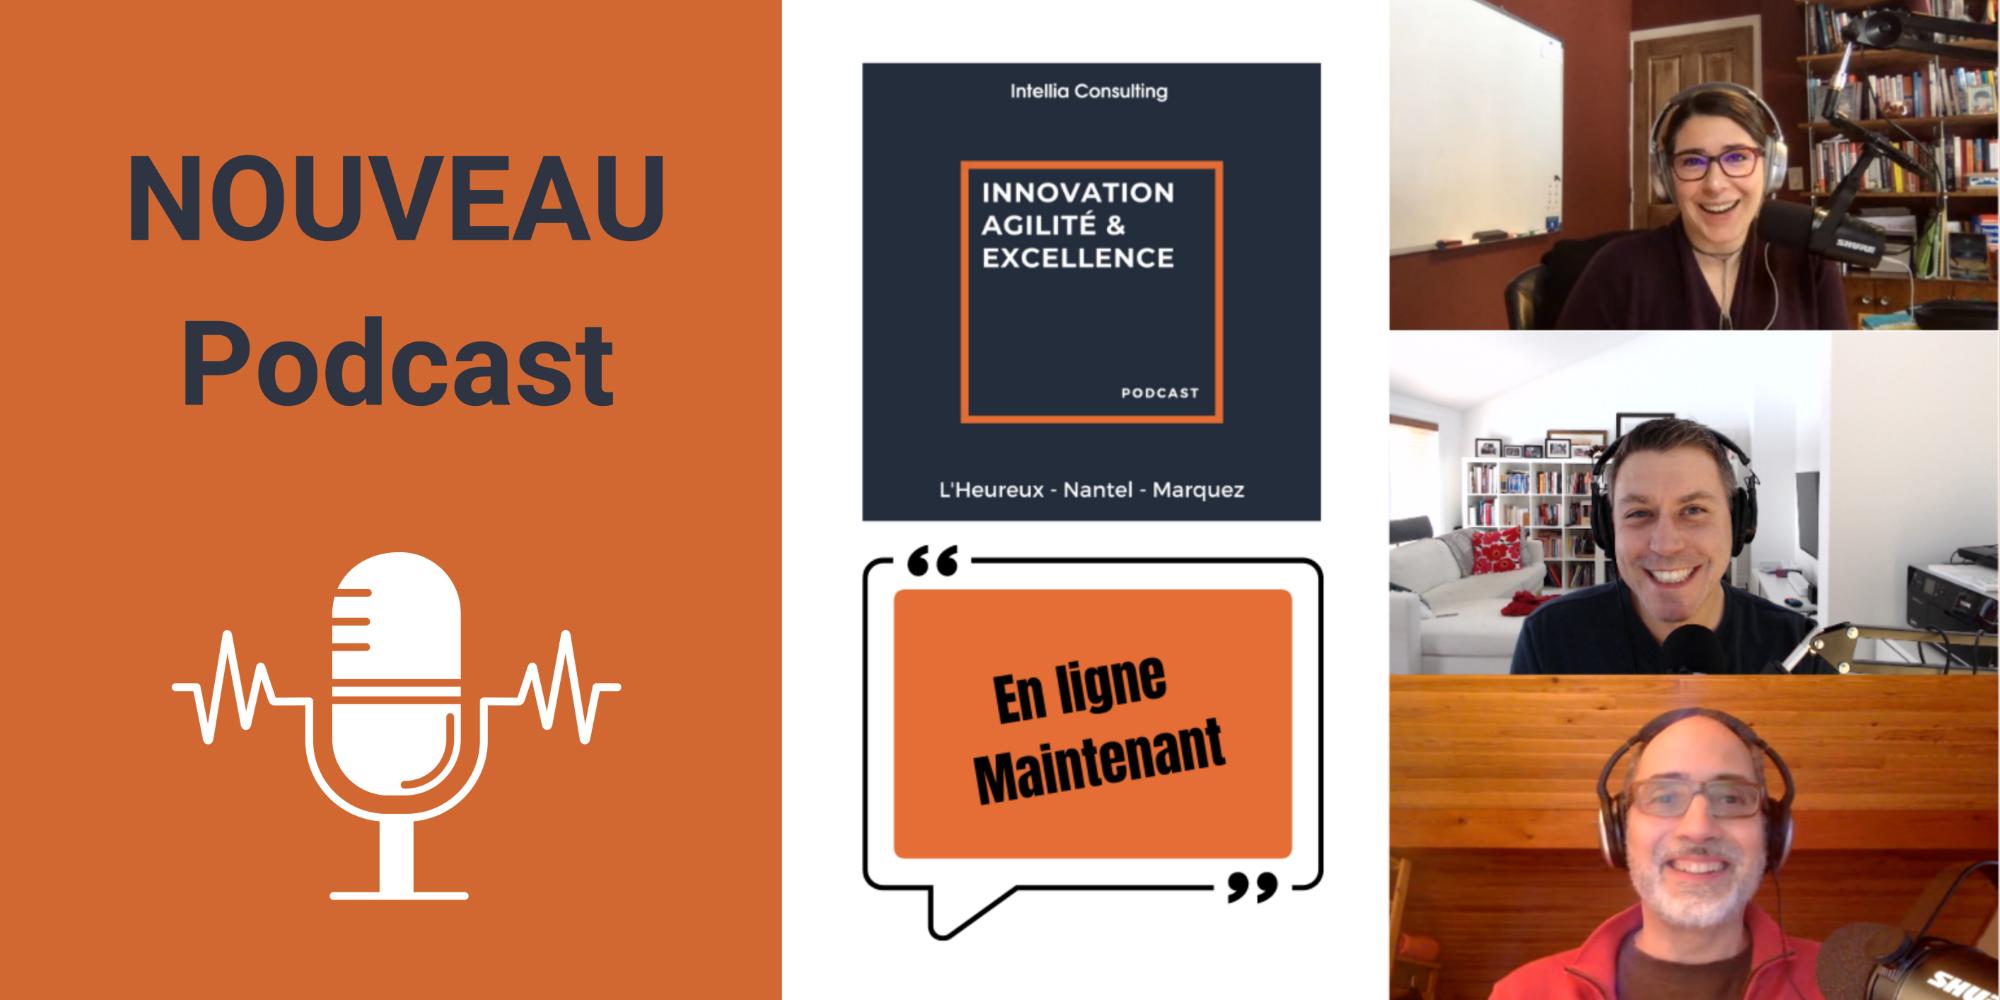 Innovation Agilité Excellence, nous nous présentons un nouveau podcast en français pour vous aider à accélérer la croissance de votre organisation dans un monde turbulent.